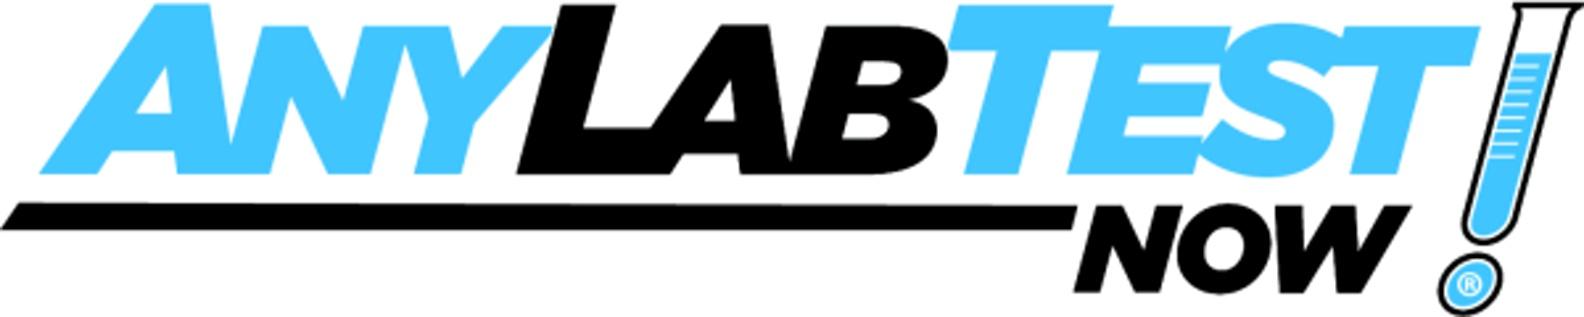 Any Lab Test Now - Altn-Mckinney Logo